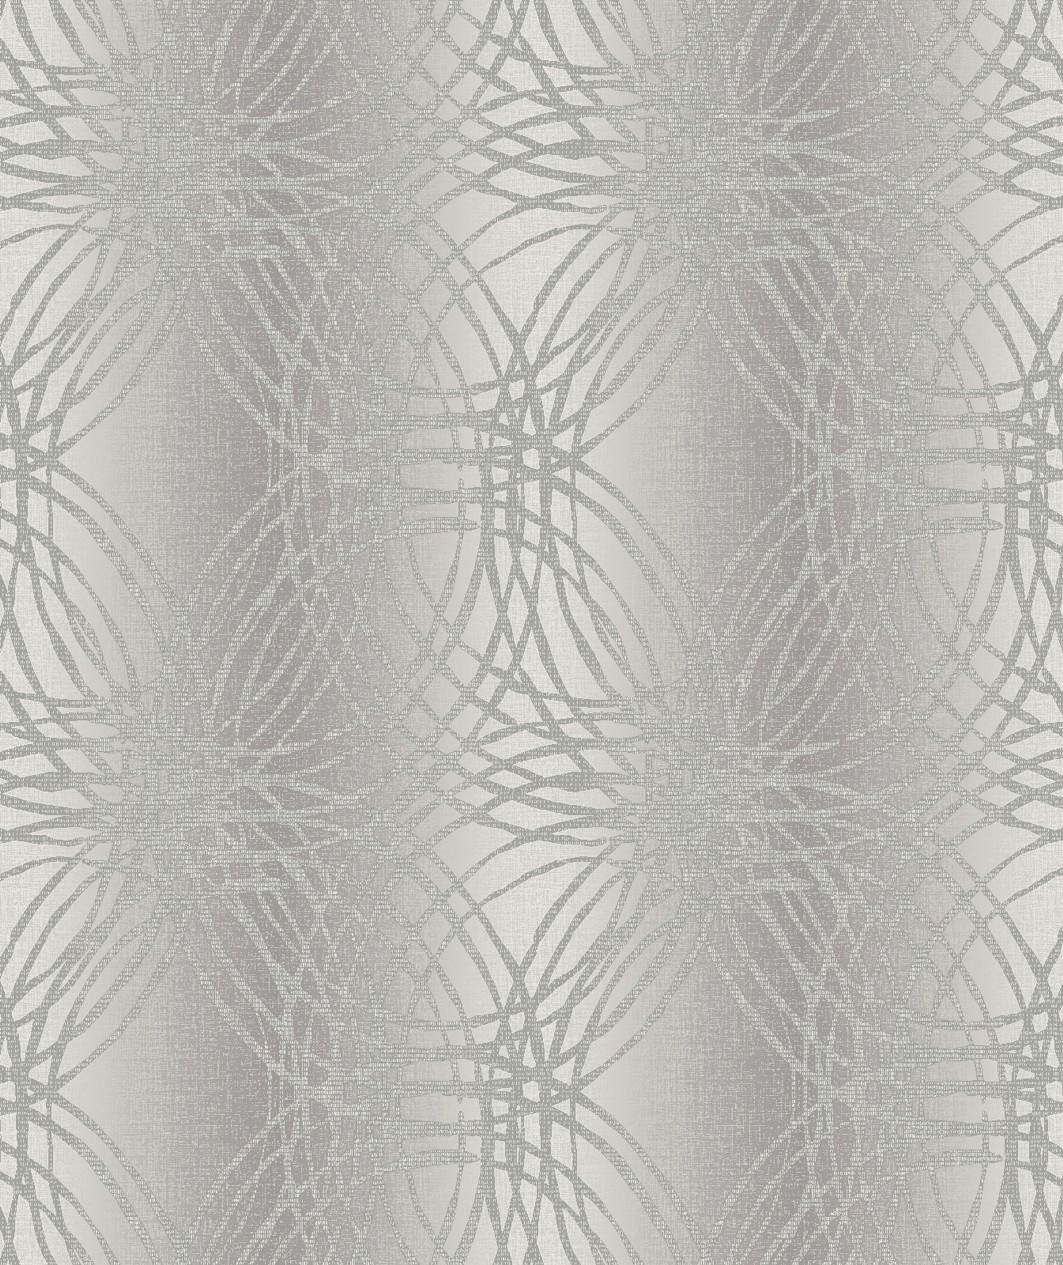 Tapety na zeď Vavex BOA-015-03-4 | 0,53 x 10,05 m (Vinylová tapeta - šedé kruhy)